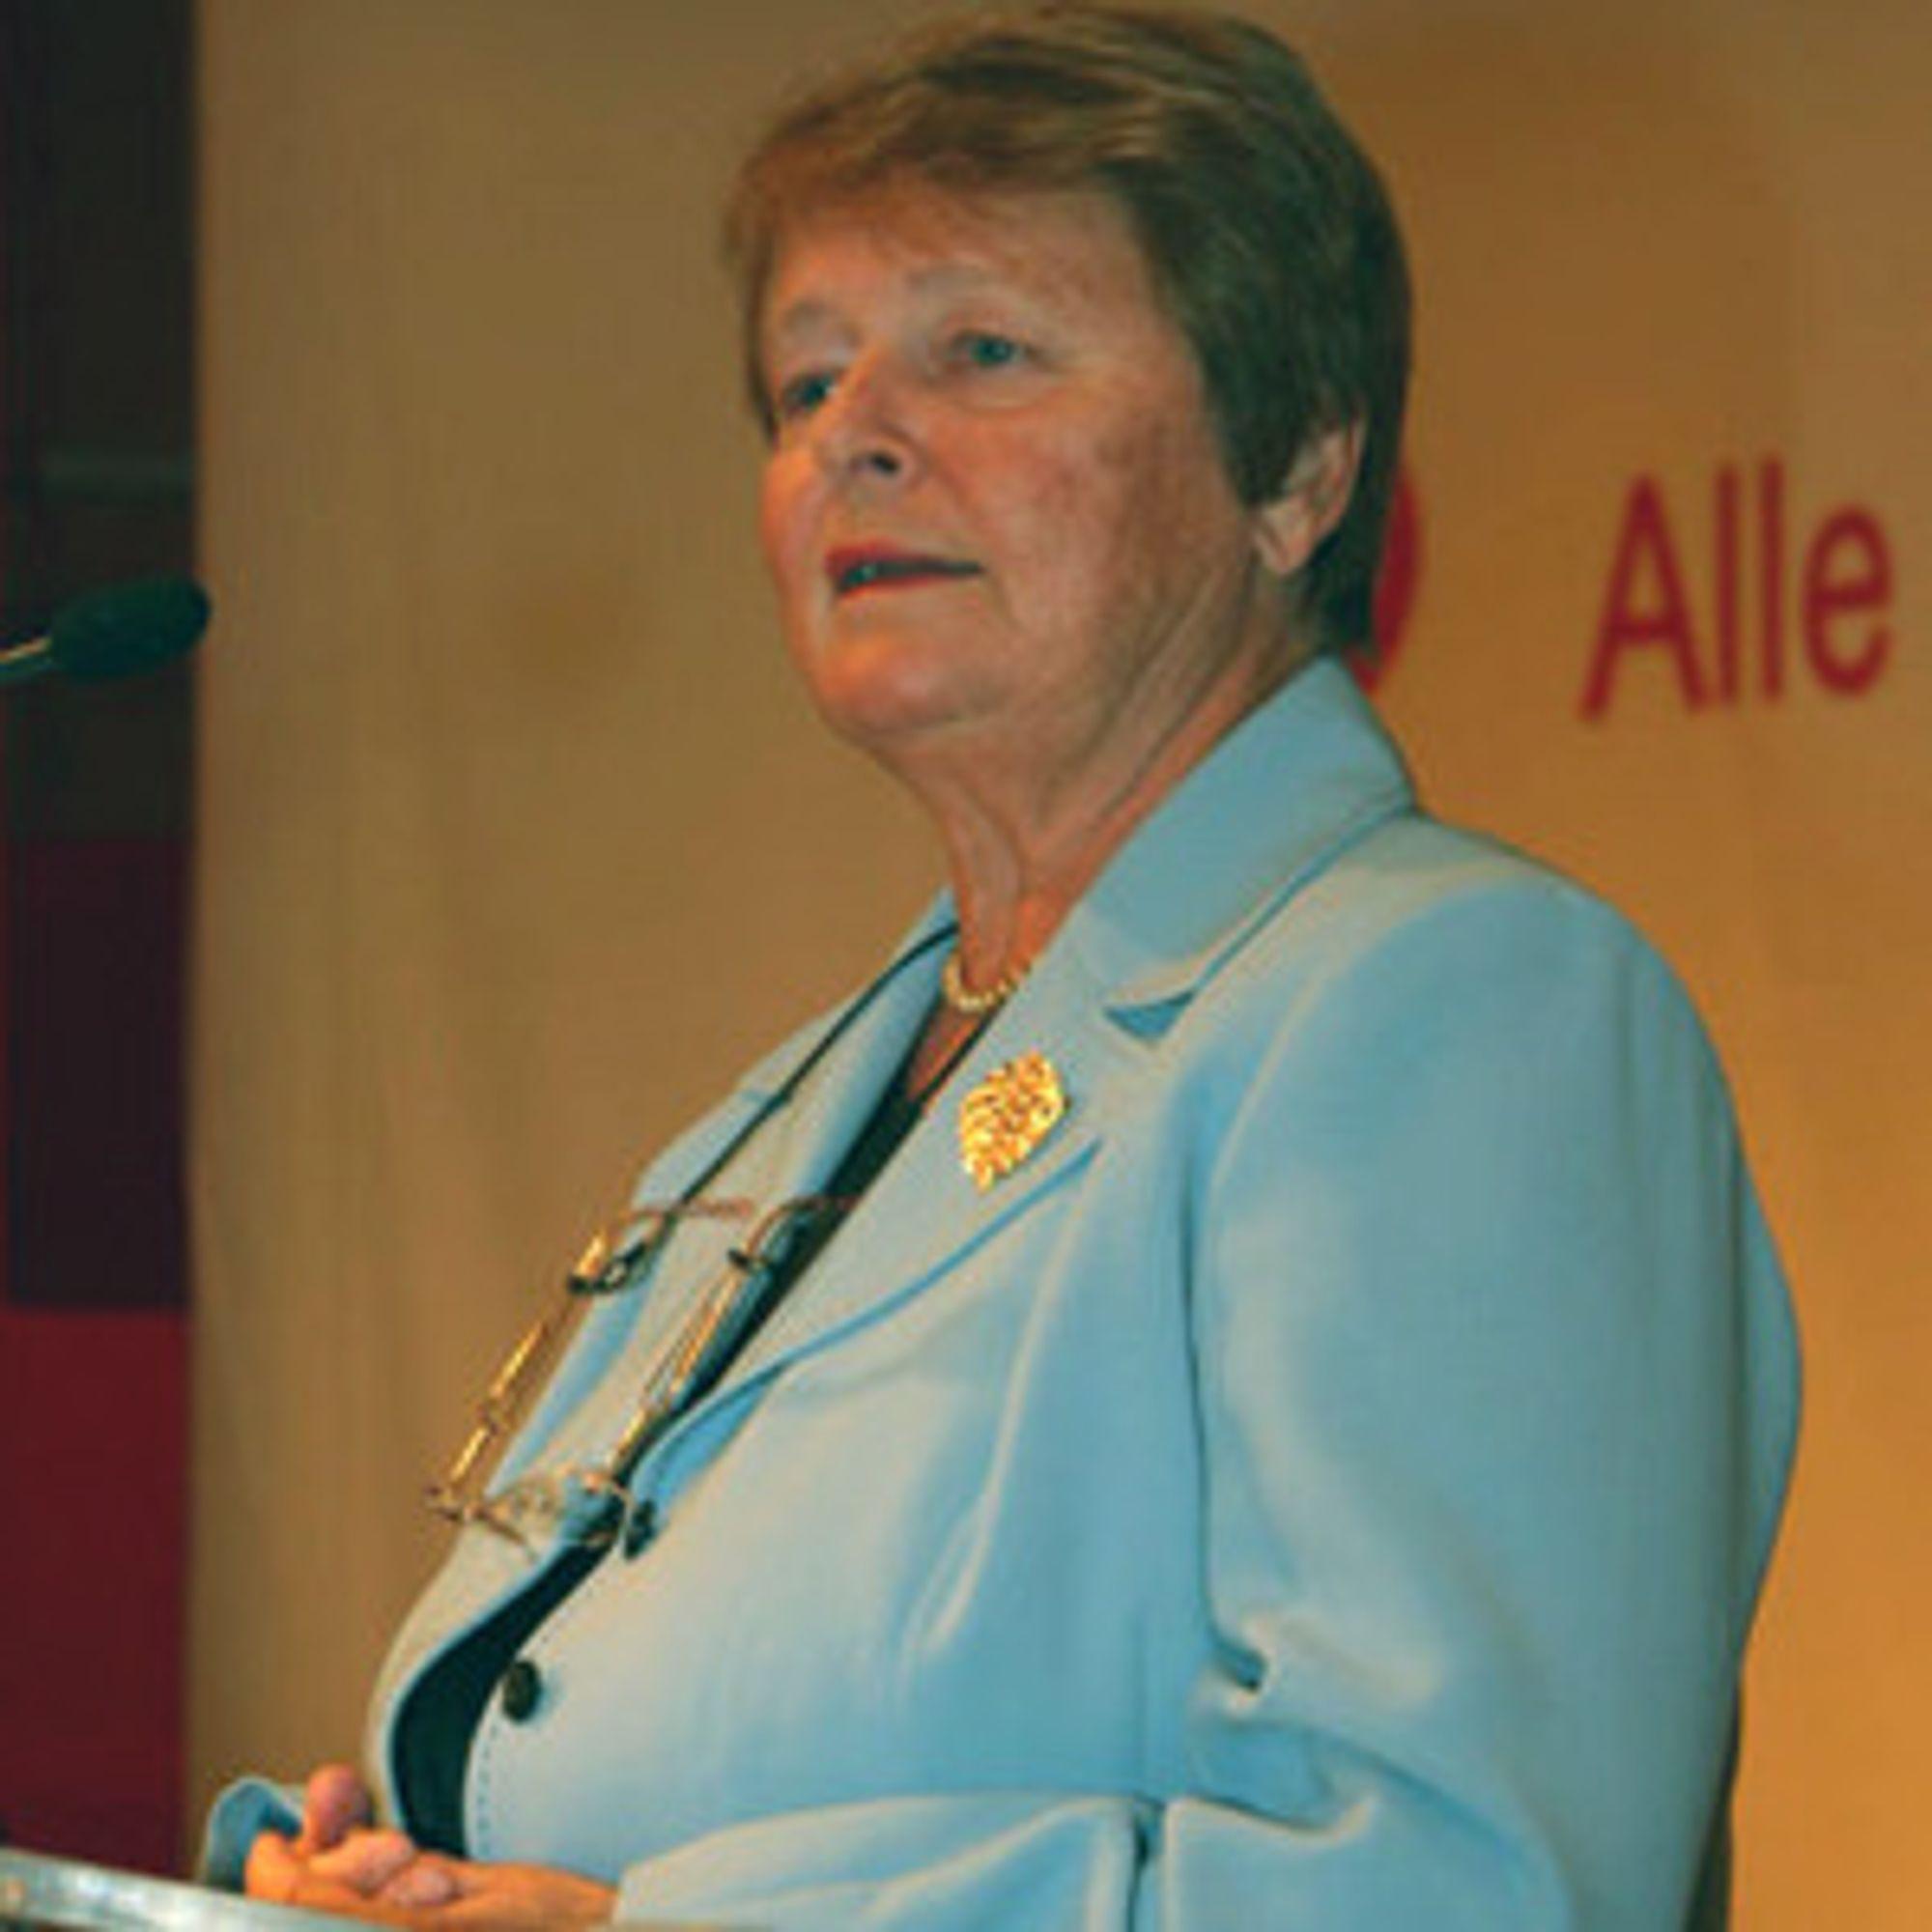 Skal en miljøteknologipris med Gro Harlem Brundtlands navn deles ut i Trondheim, eller skal en miljøpris i hennes navn deles ut i Tromsø?